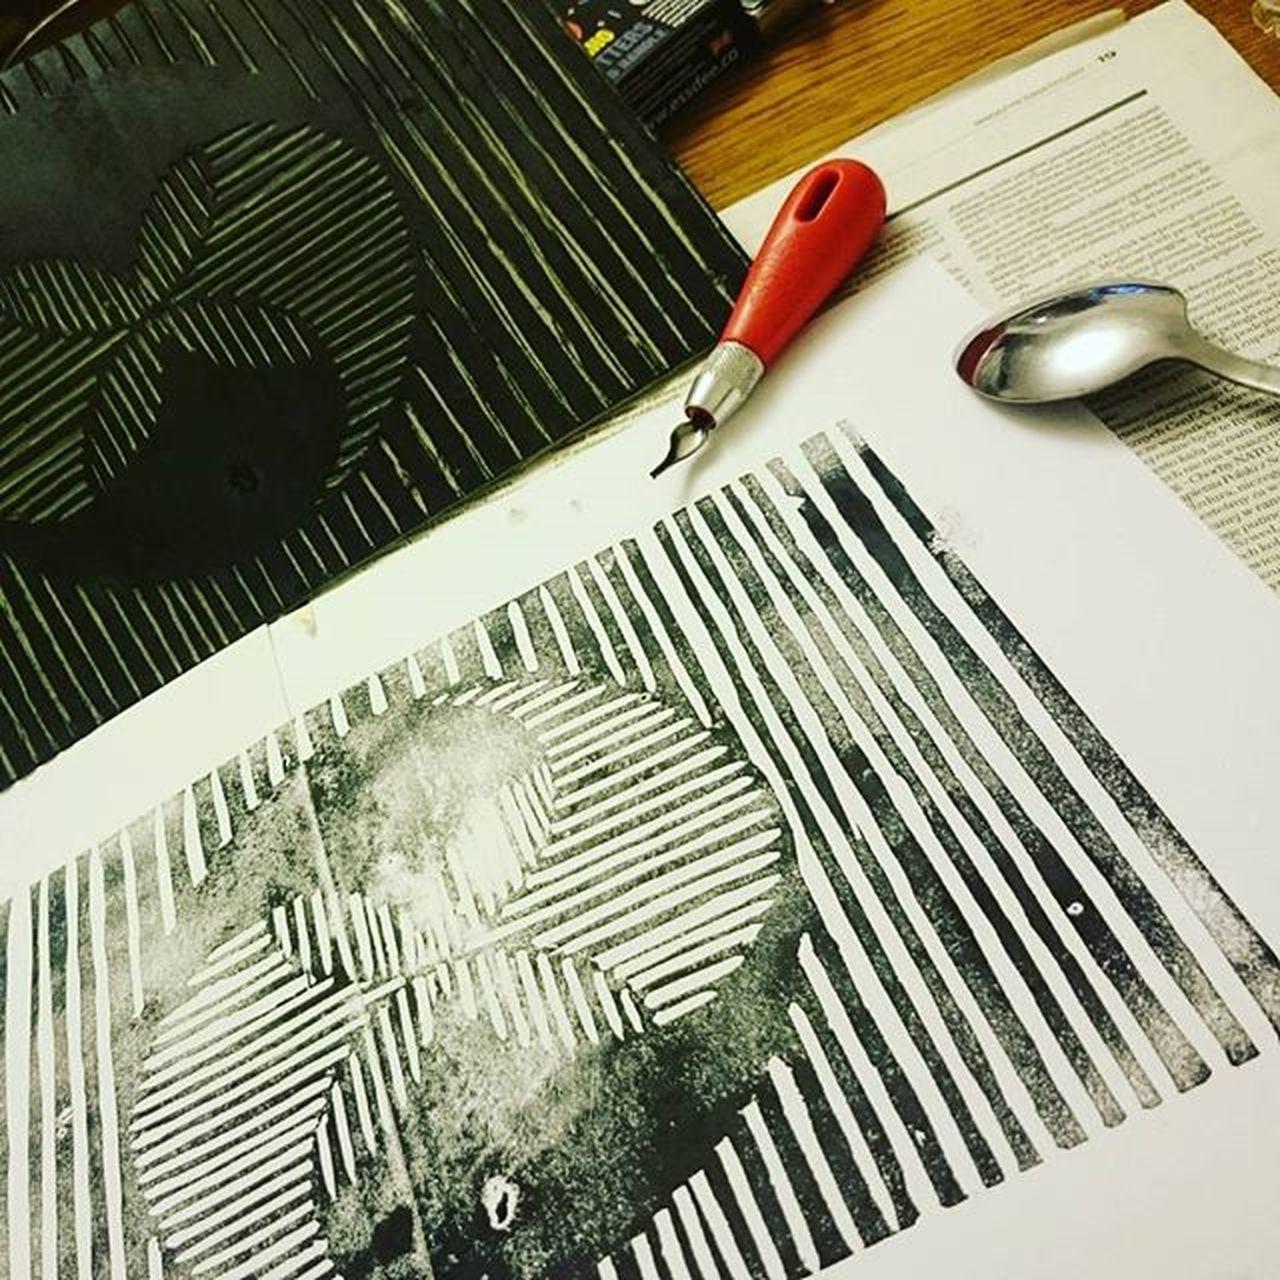 Odbijanie łyżeczka jest chujowe. Ale przynajmniej wiem gdzie jeszcze dopracować Linoryt Linoleum Grafikawarsztatowazabija